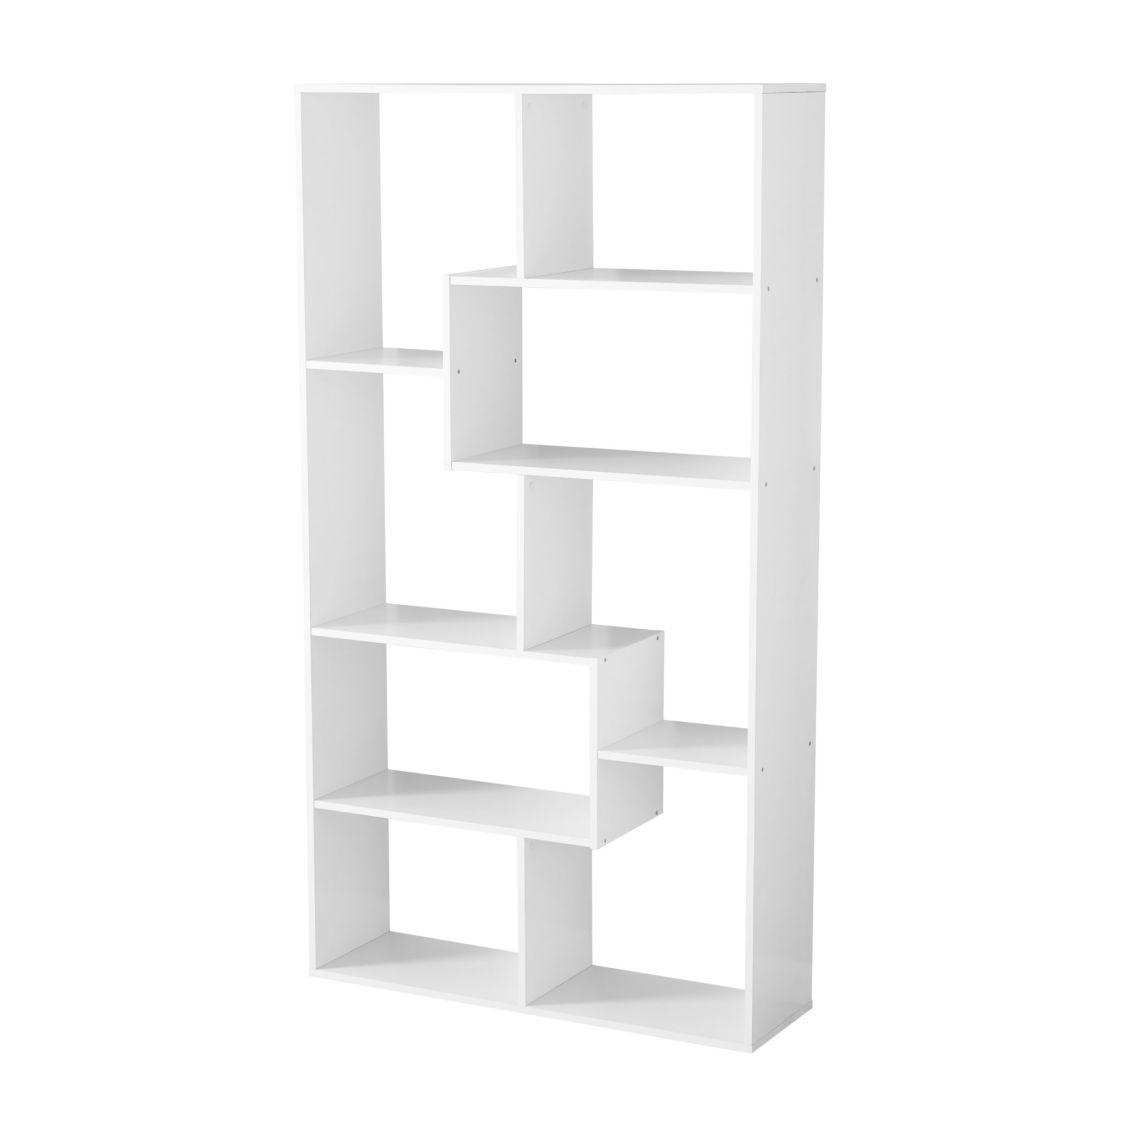 Mainstays 8-Cube Bookcase, White or Espresso - Walmart.com